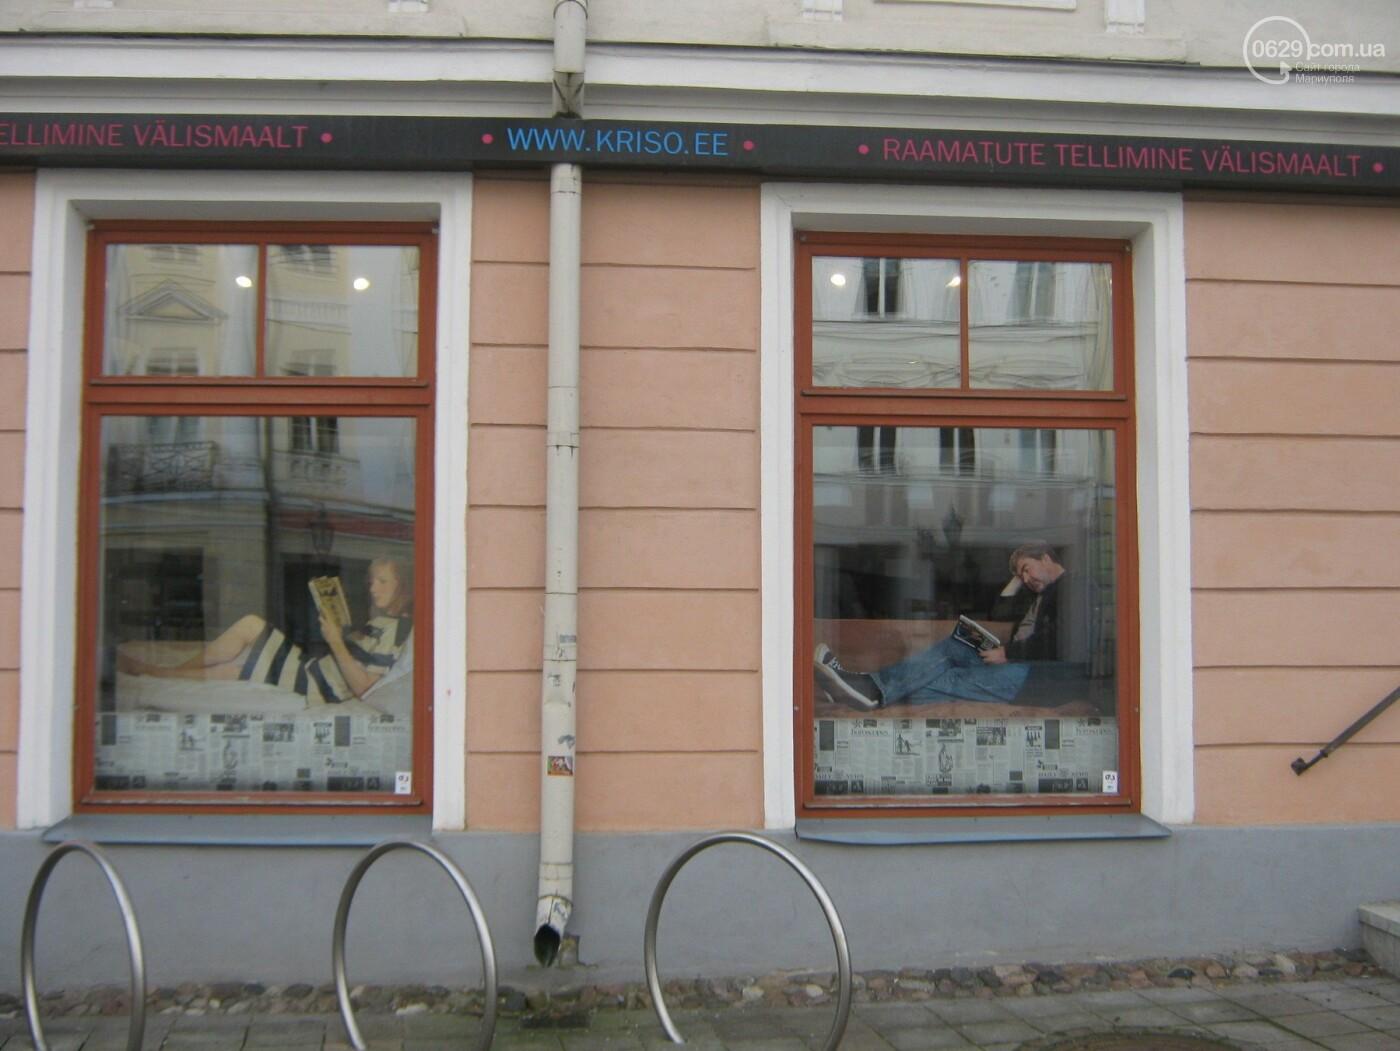 Иностранцы скрываются в Мариуполе от алиментов. Тревел стори с Сергеем Коссе. Тарту, - ФОТО, фото-12